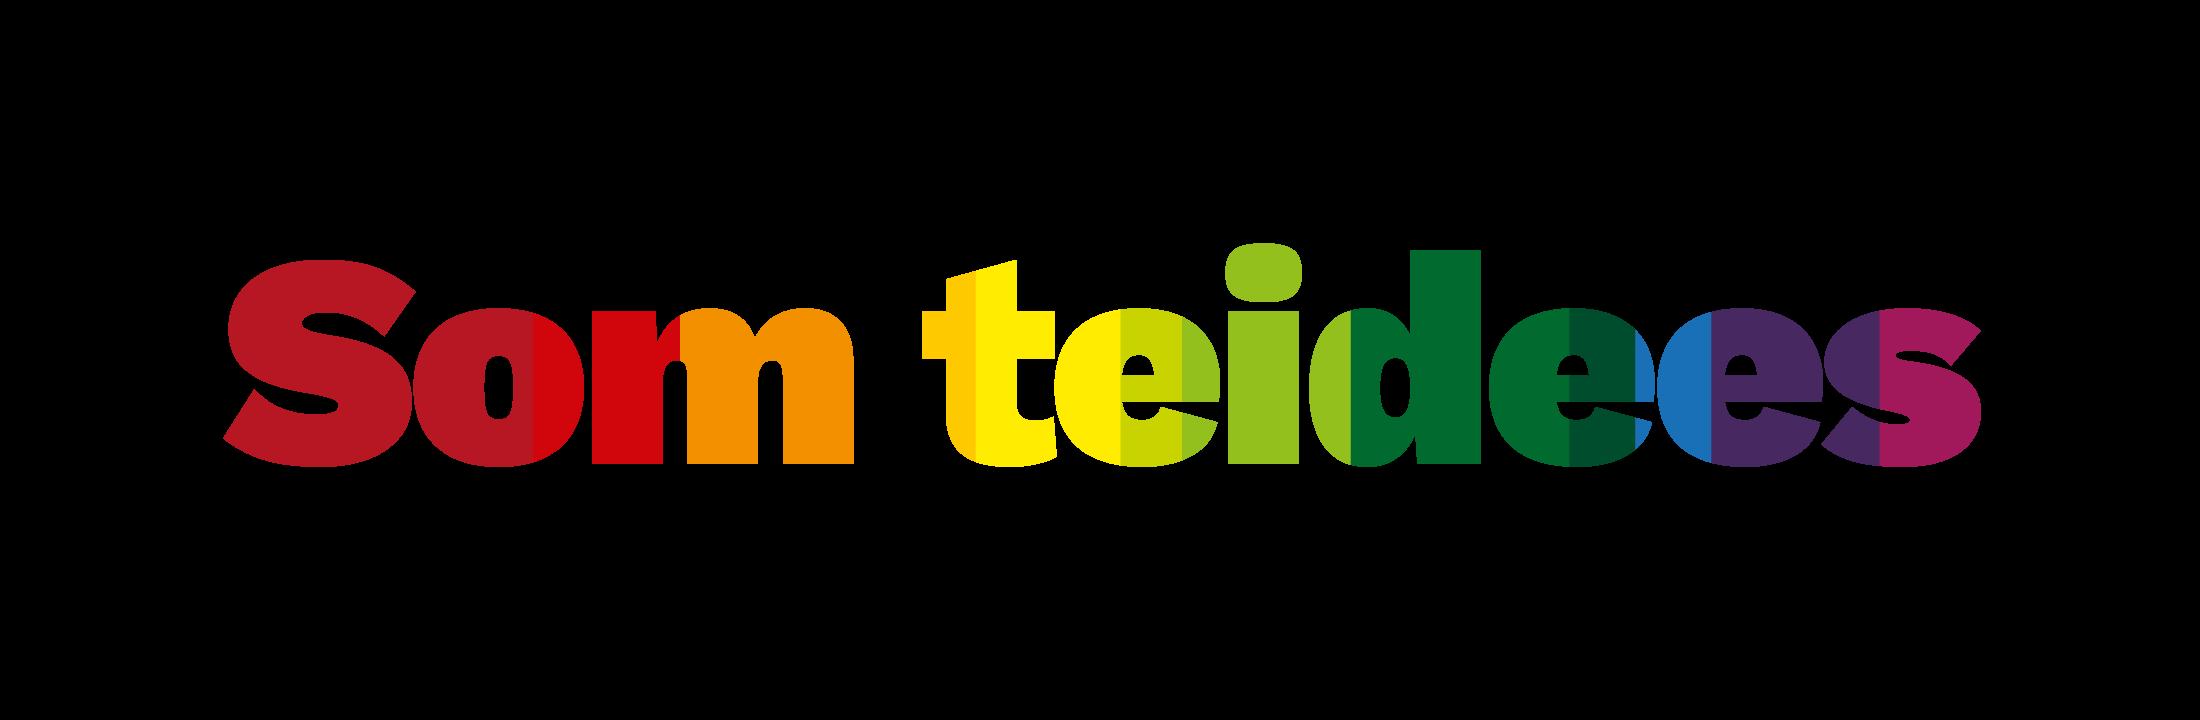 Sóm Teidees Audiovisuals